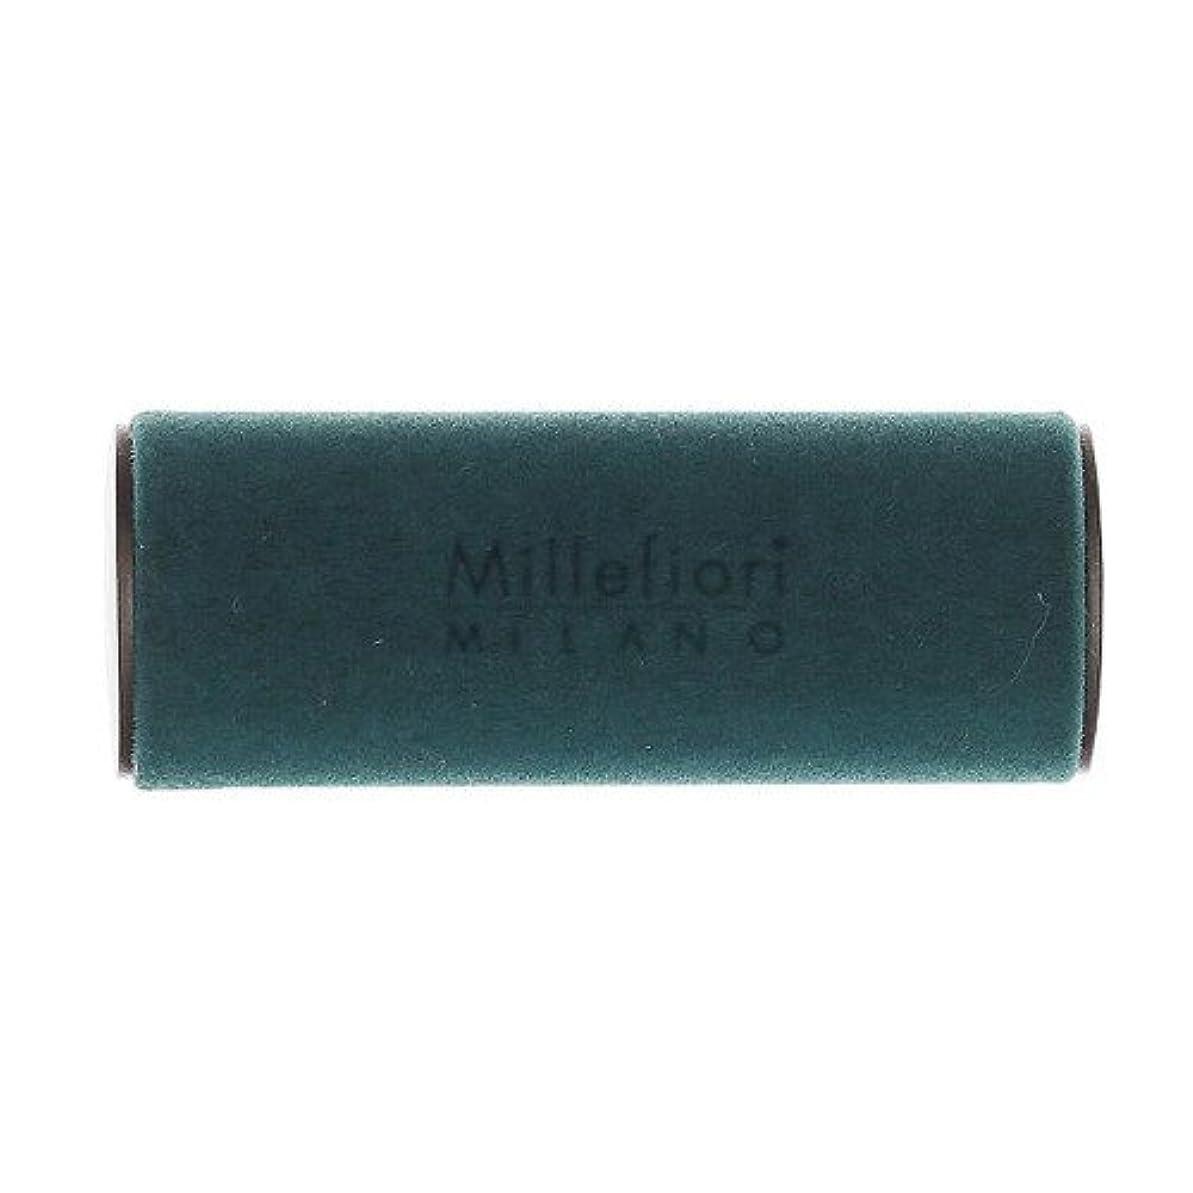 ダイヤル退屈な一般的に言えばMillefiori MILANO ミッレフィオーリ カーエアフレッシュナー VELLUTO ヴェルート (スパイシーウッド) 1個